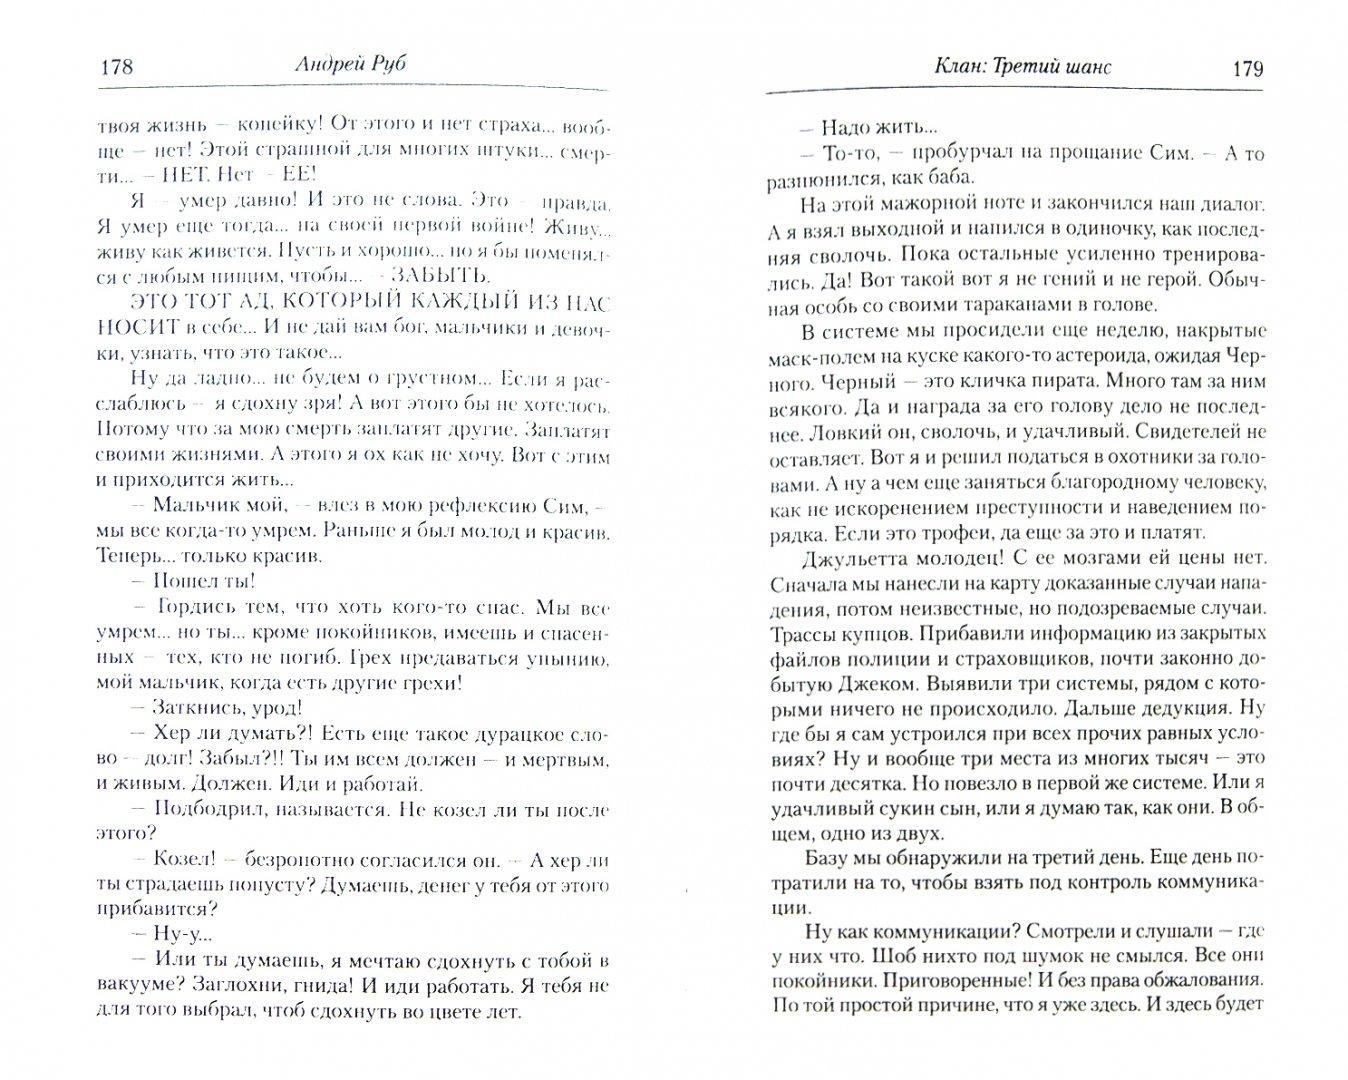 Иллюстрация 1 из 5 для Клан. Третий шанс - Андрей Руб | Лабиринт - книги. Источник: Лабиринт